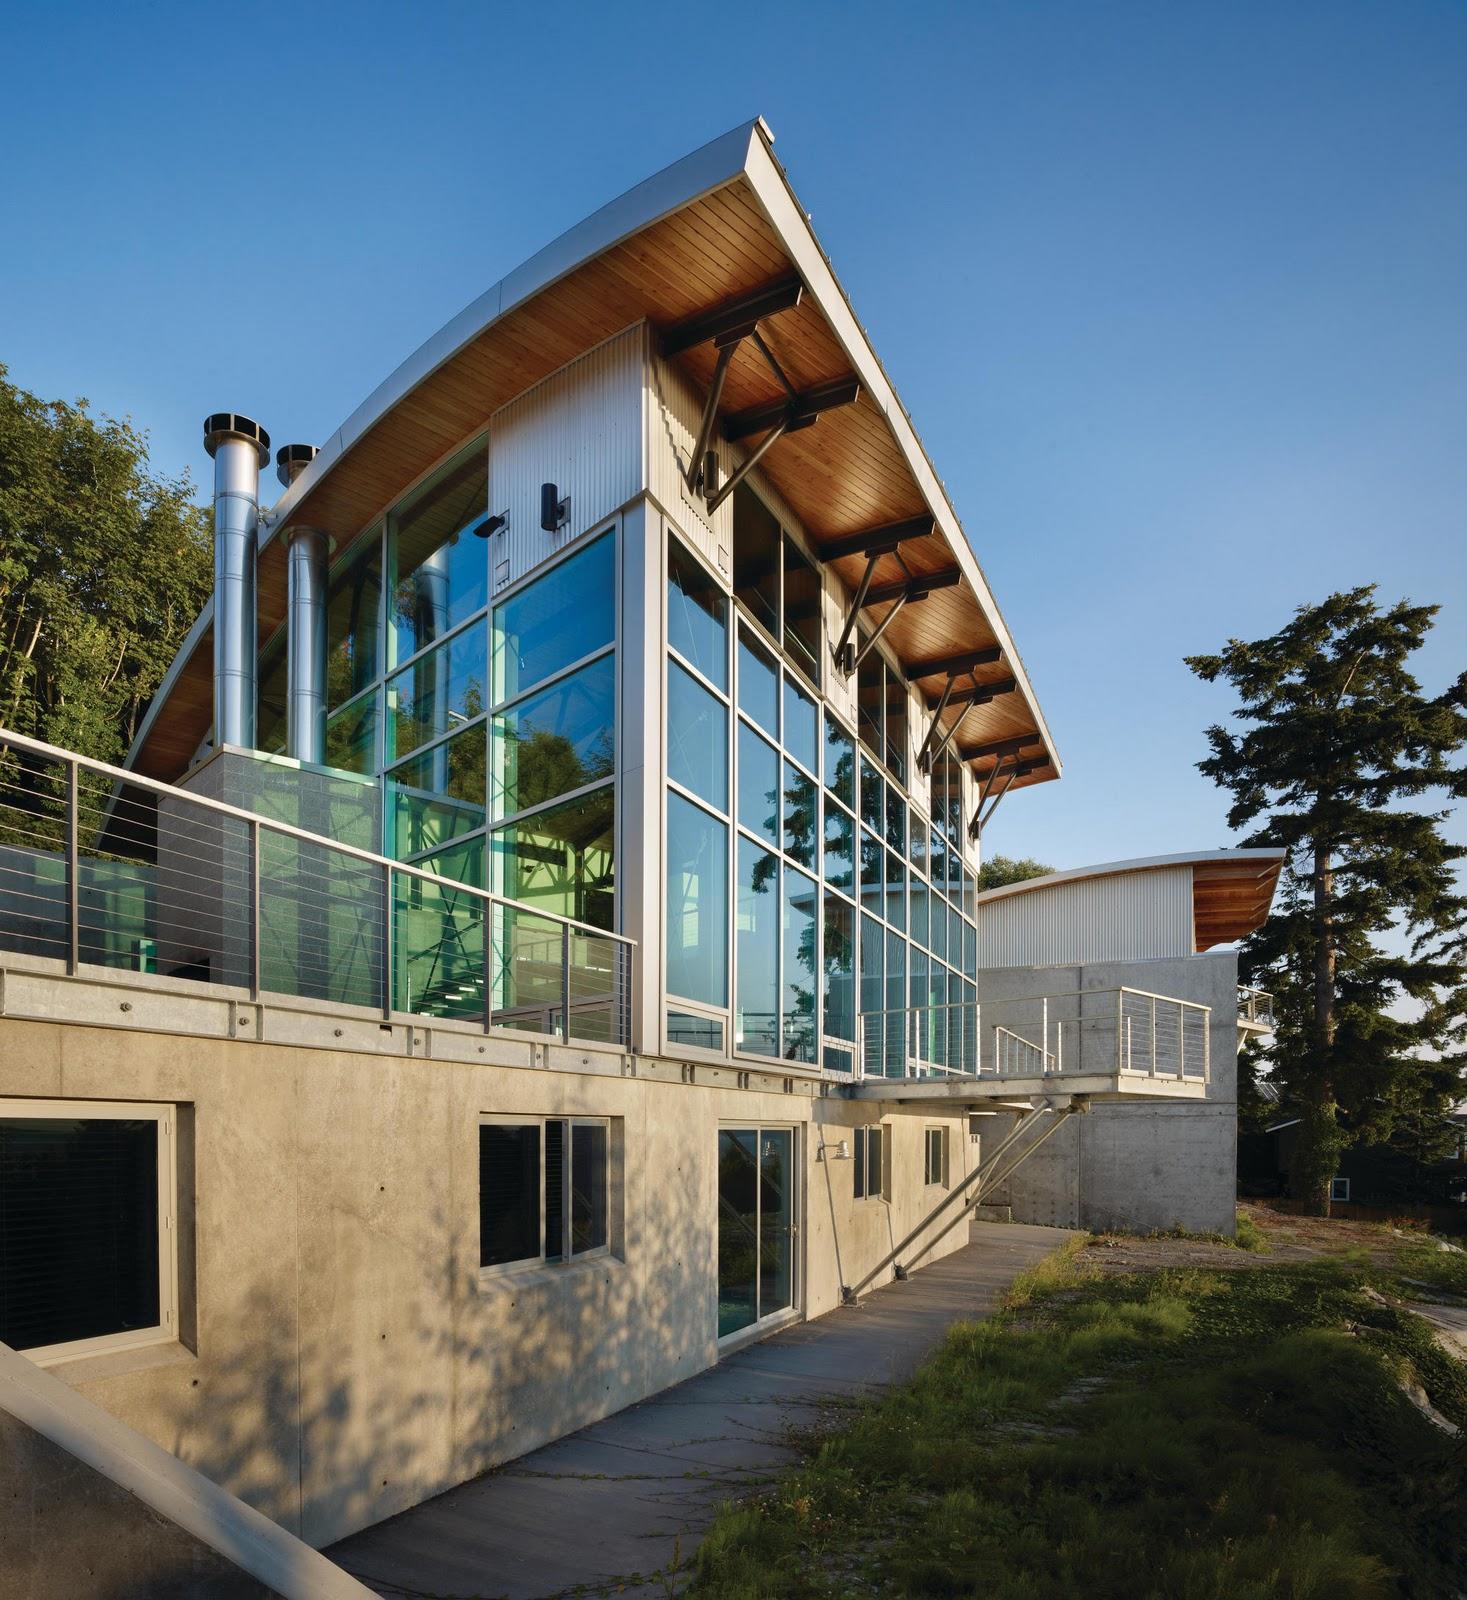 Maison esprit loft seattle for Maison loft design